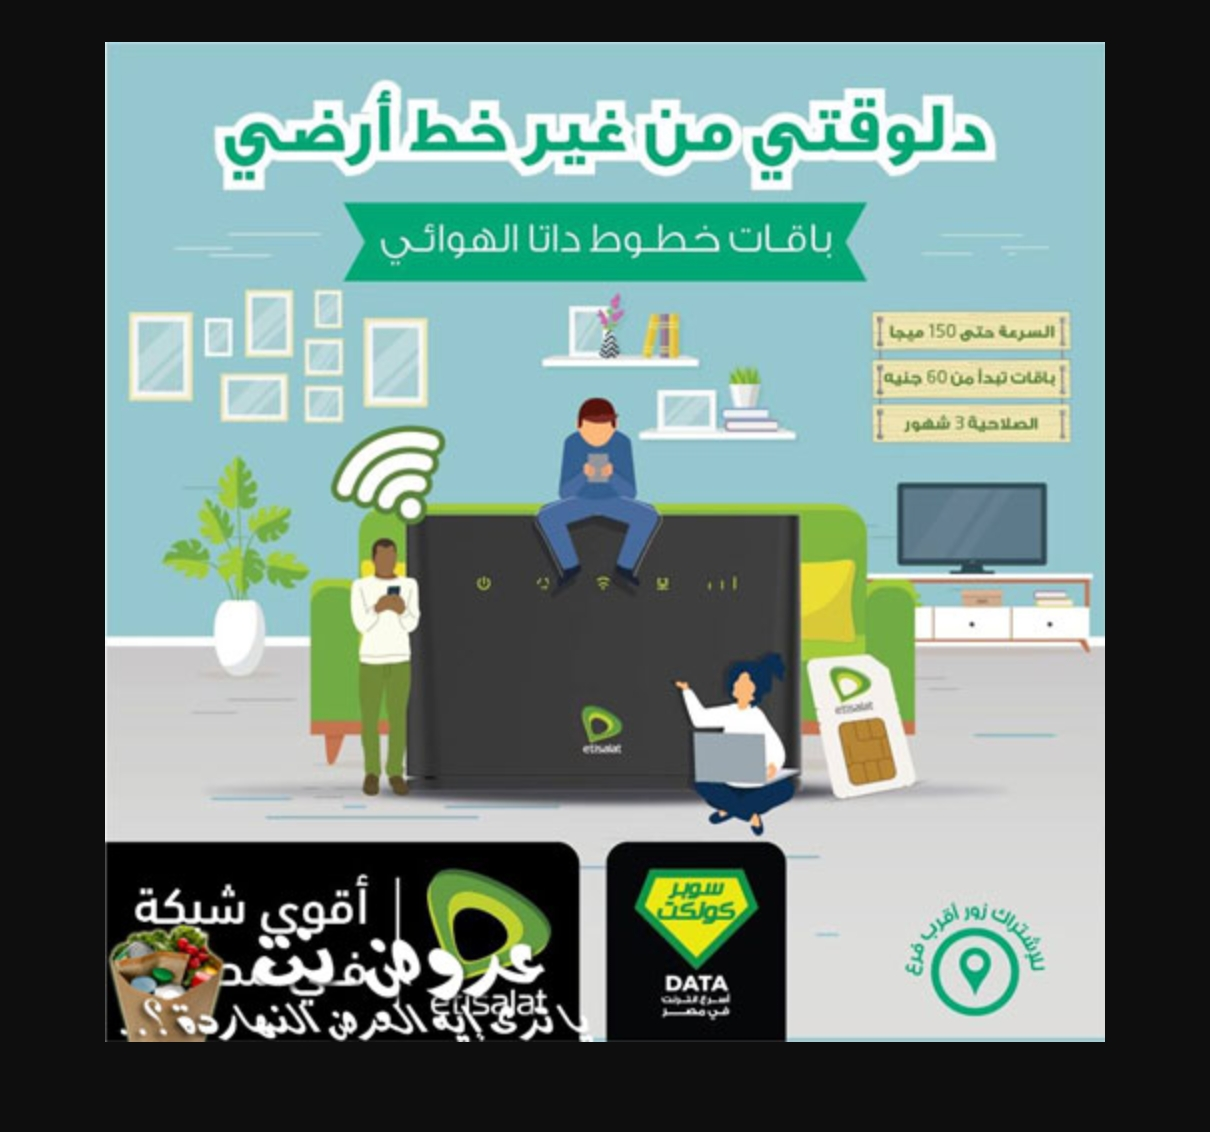 راوتر الإنترنت الهوائي الجديد من اتصالات